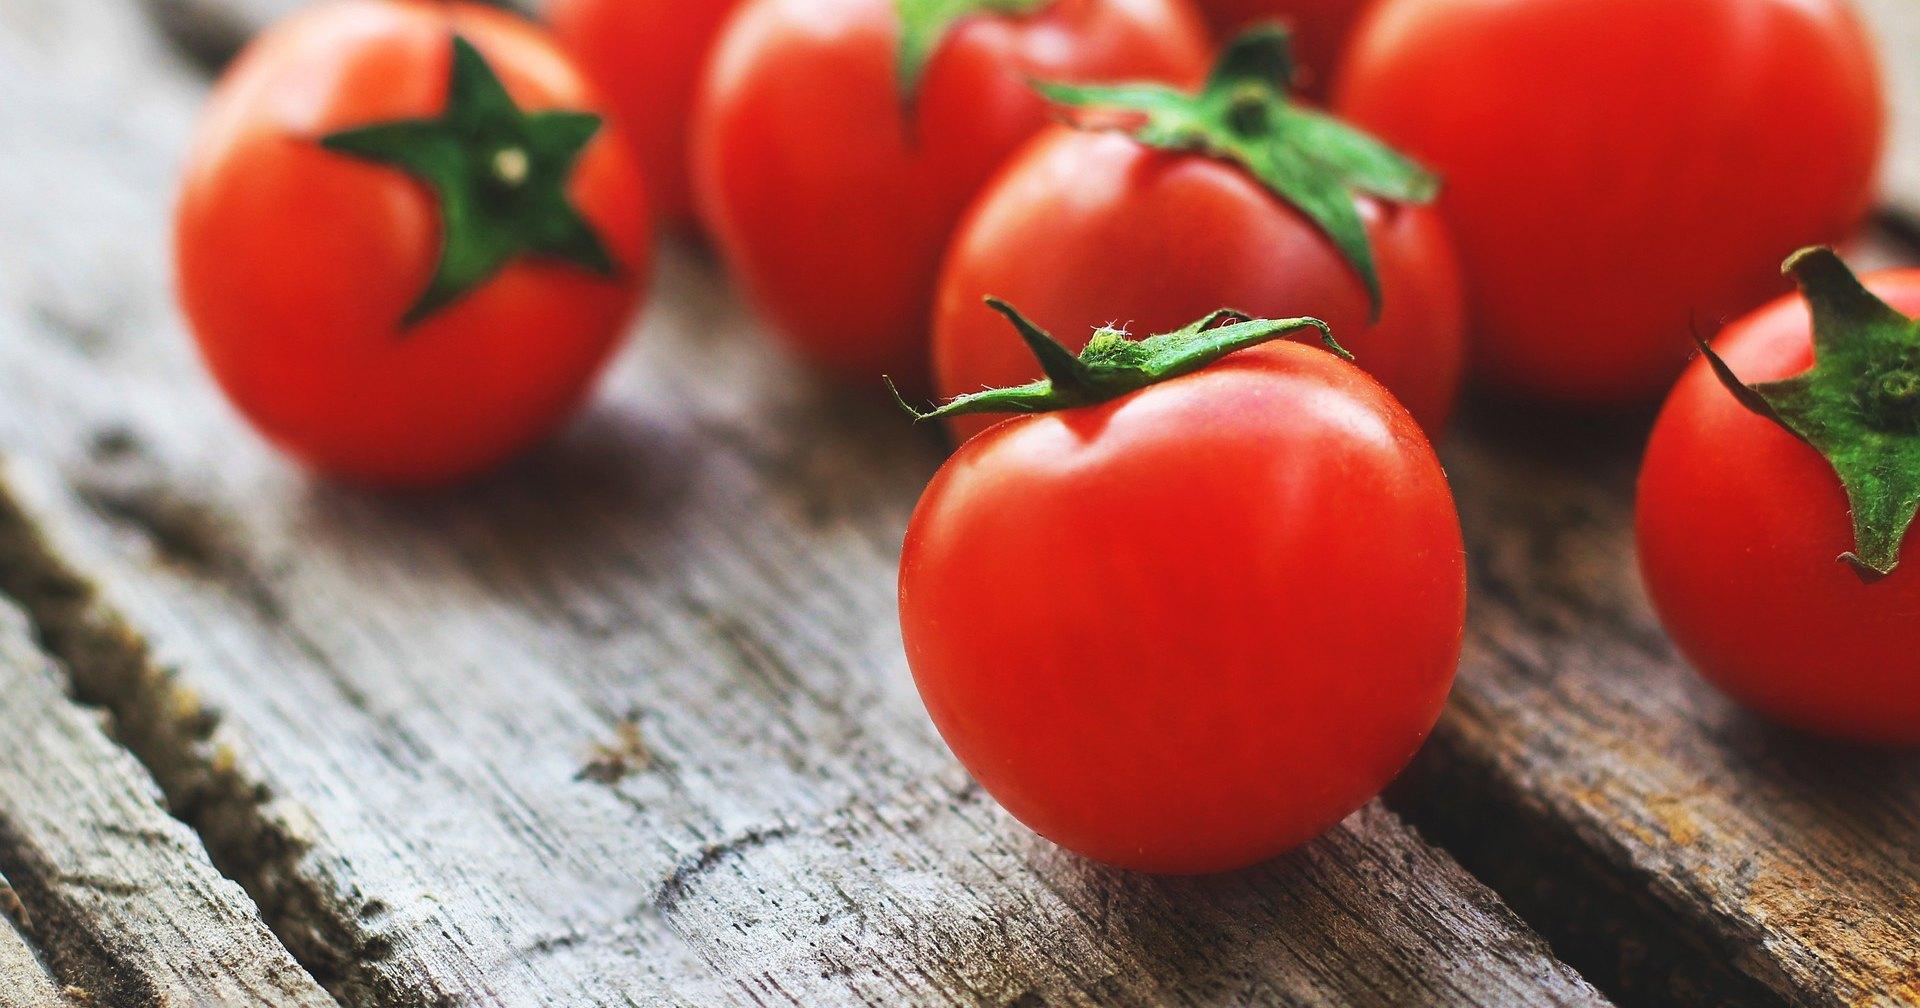 Яйца и помидоры оказались пригодны для создания автозапчастей